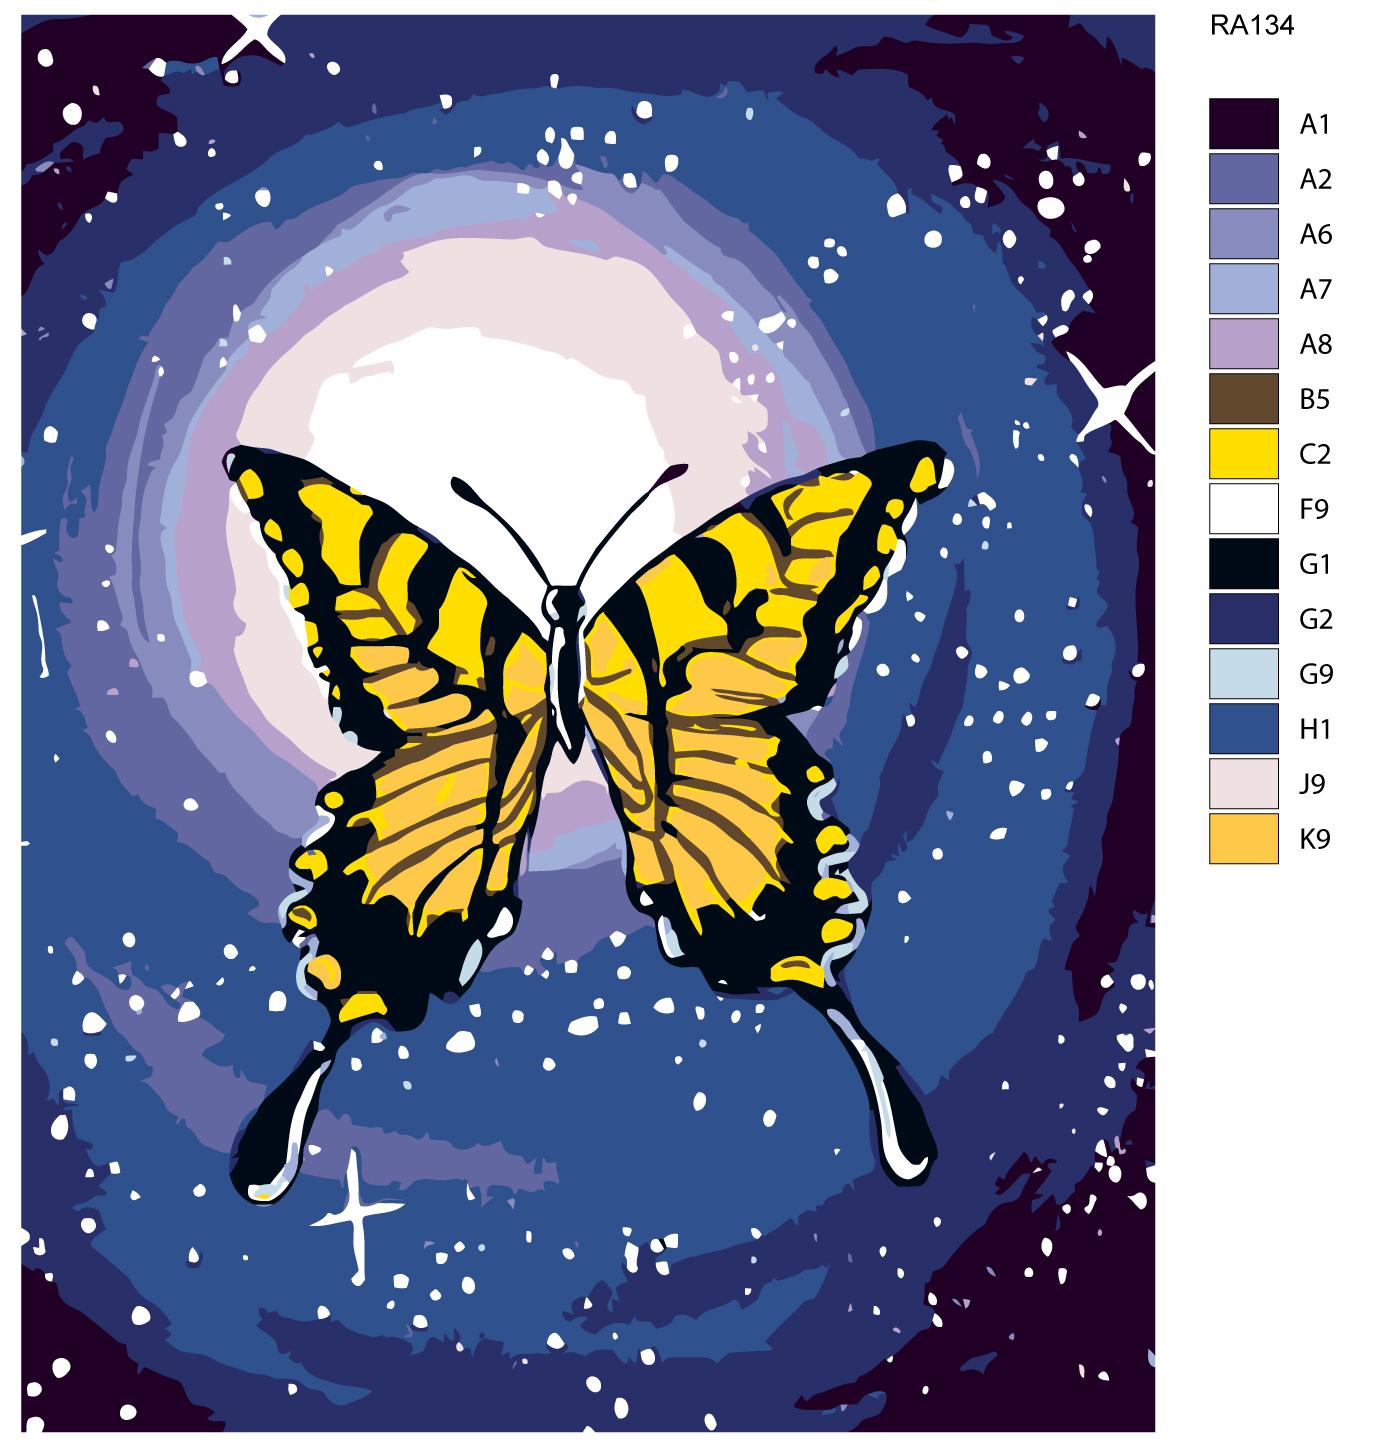 Набор для создания картины Живопись по номерам RA134RA134Количество красок от 18 до 24. Картина раскрашивается без смешивания красок. Высококачественные акриловые краски собственного производства сделают вашу картину яркой и уникальной. Все необходимые материалы есть в комплекте: натуральный хлопковый холст, натянутый на деревянный подрамник, баночки с акриловыми красками на водной основе, 3 кисти из качественного нейлона, схема раскрашивания, инструкция. Просто закрашивайте участки красками с соответствующим номером.